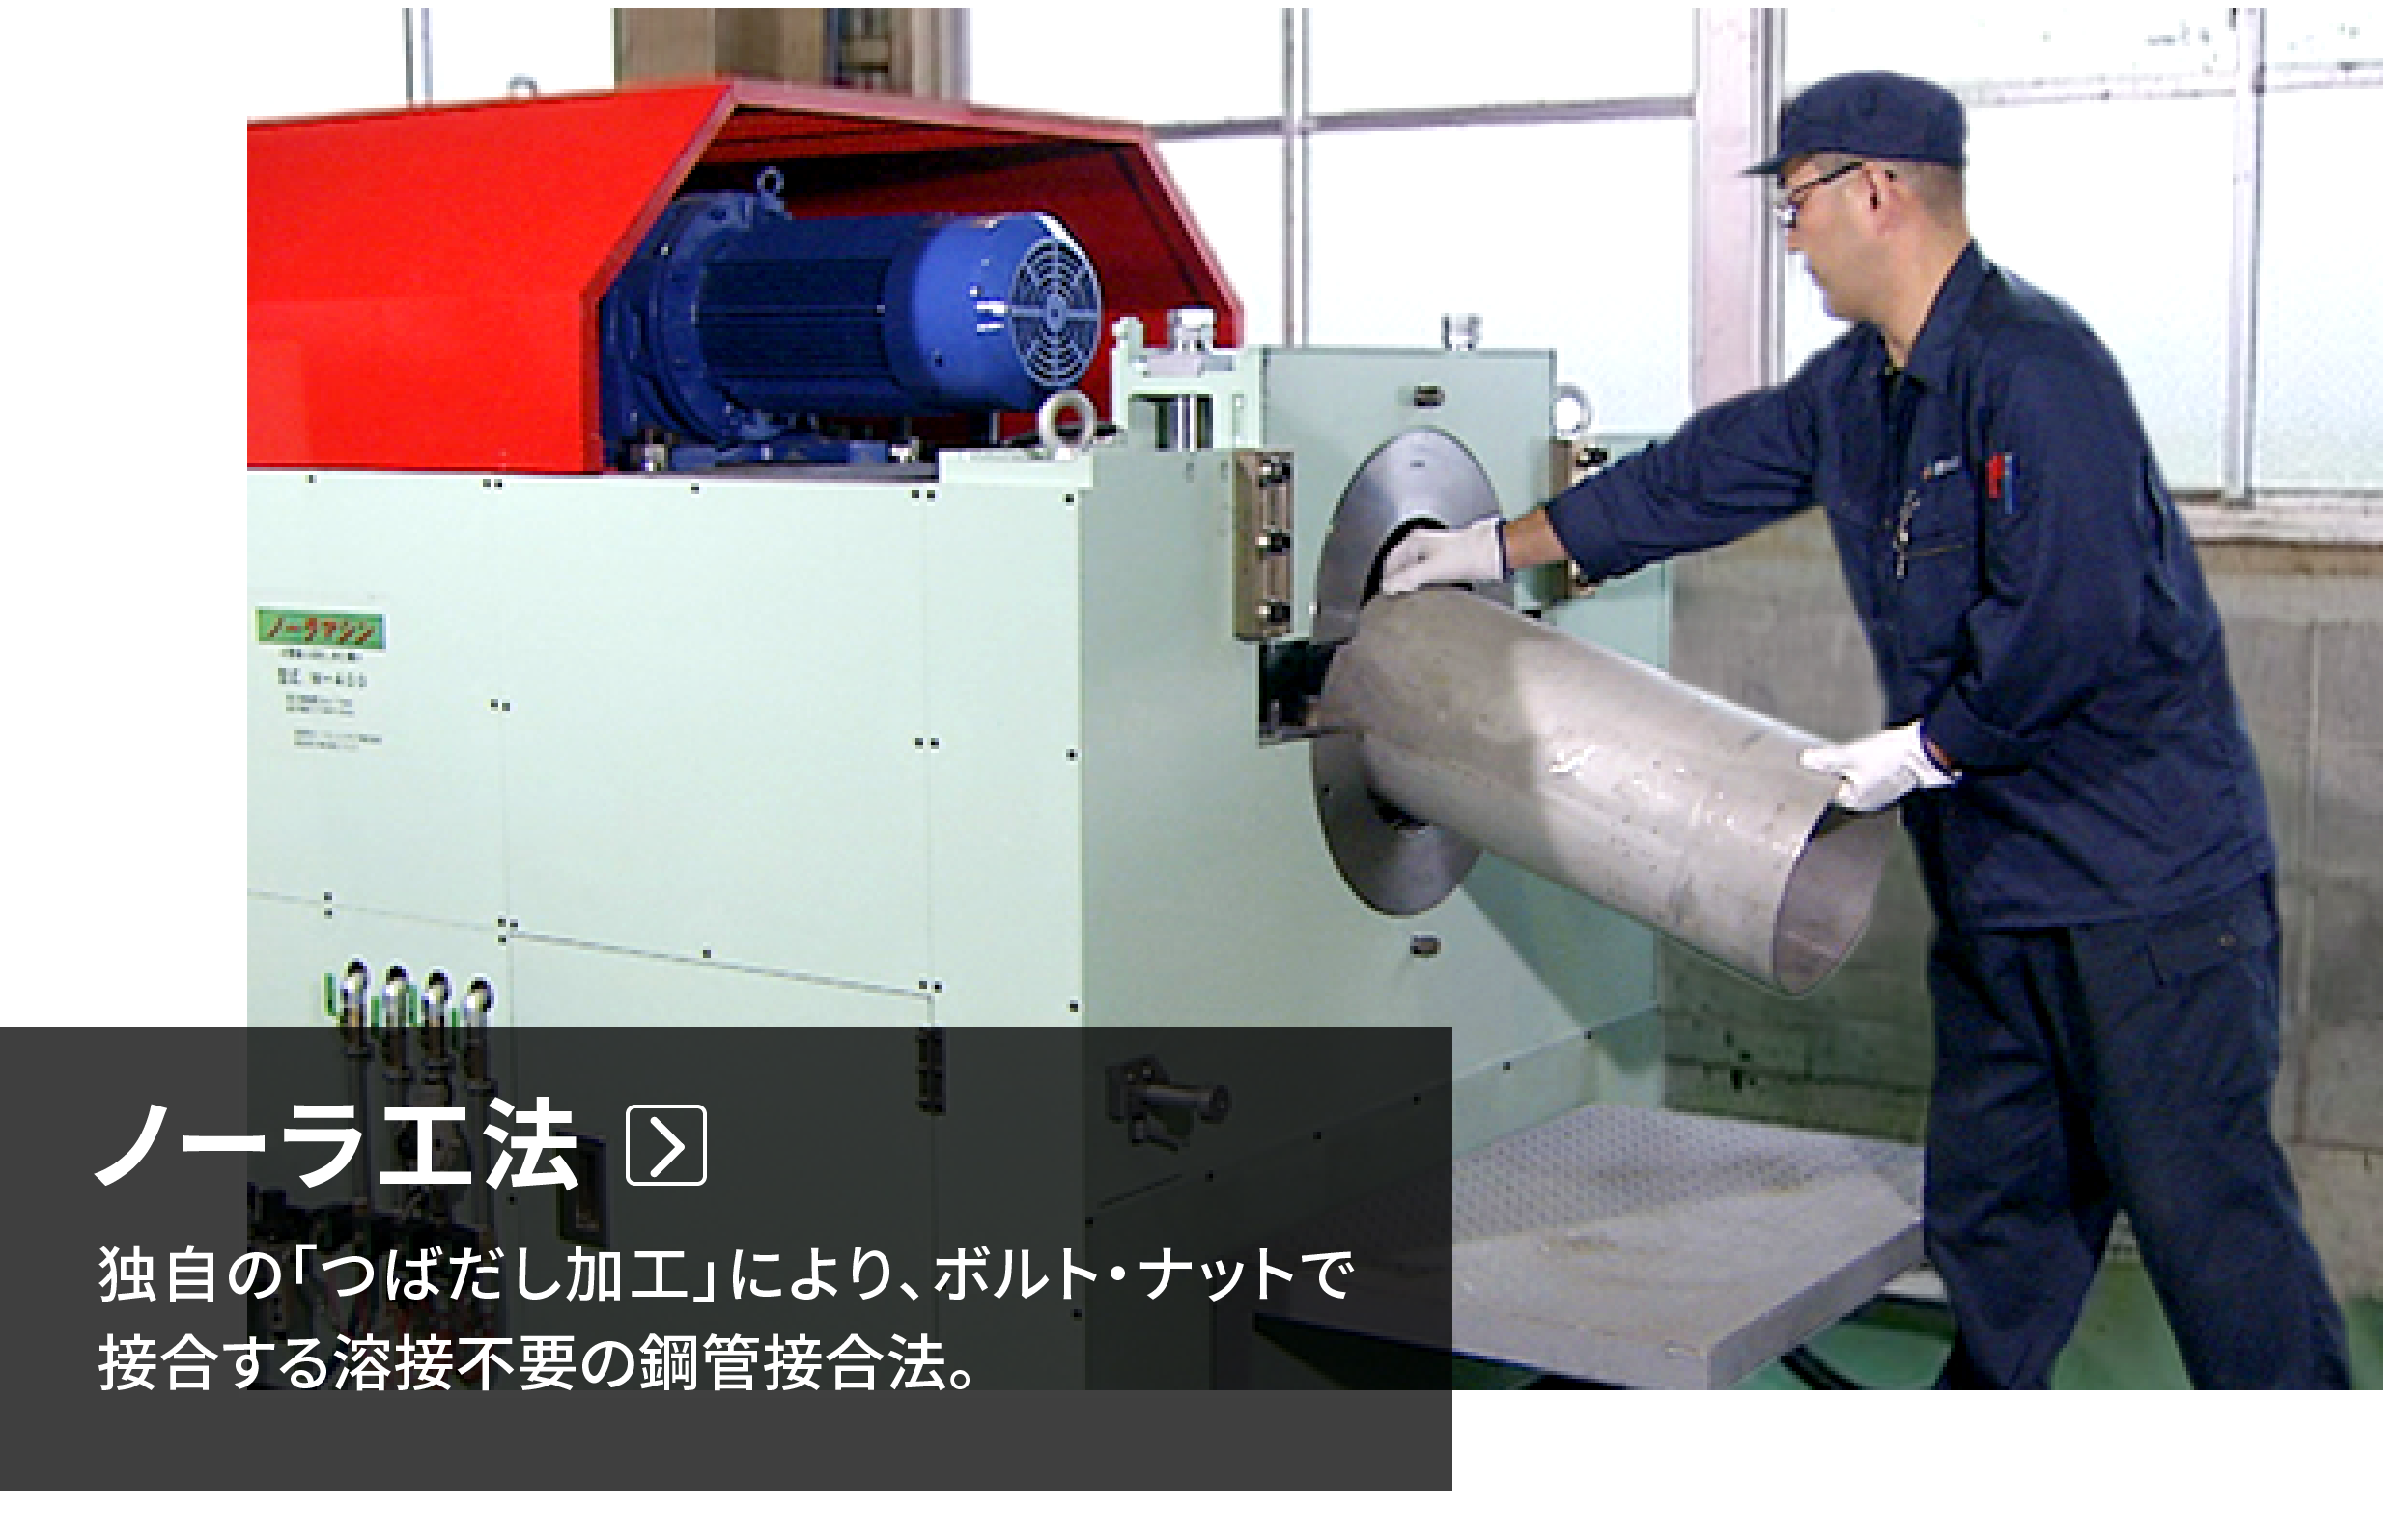 ノーラ工法 独自の「つばだし加工」により、ボルト・ナットで接合する溶接不要の鋼管接合法。